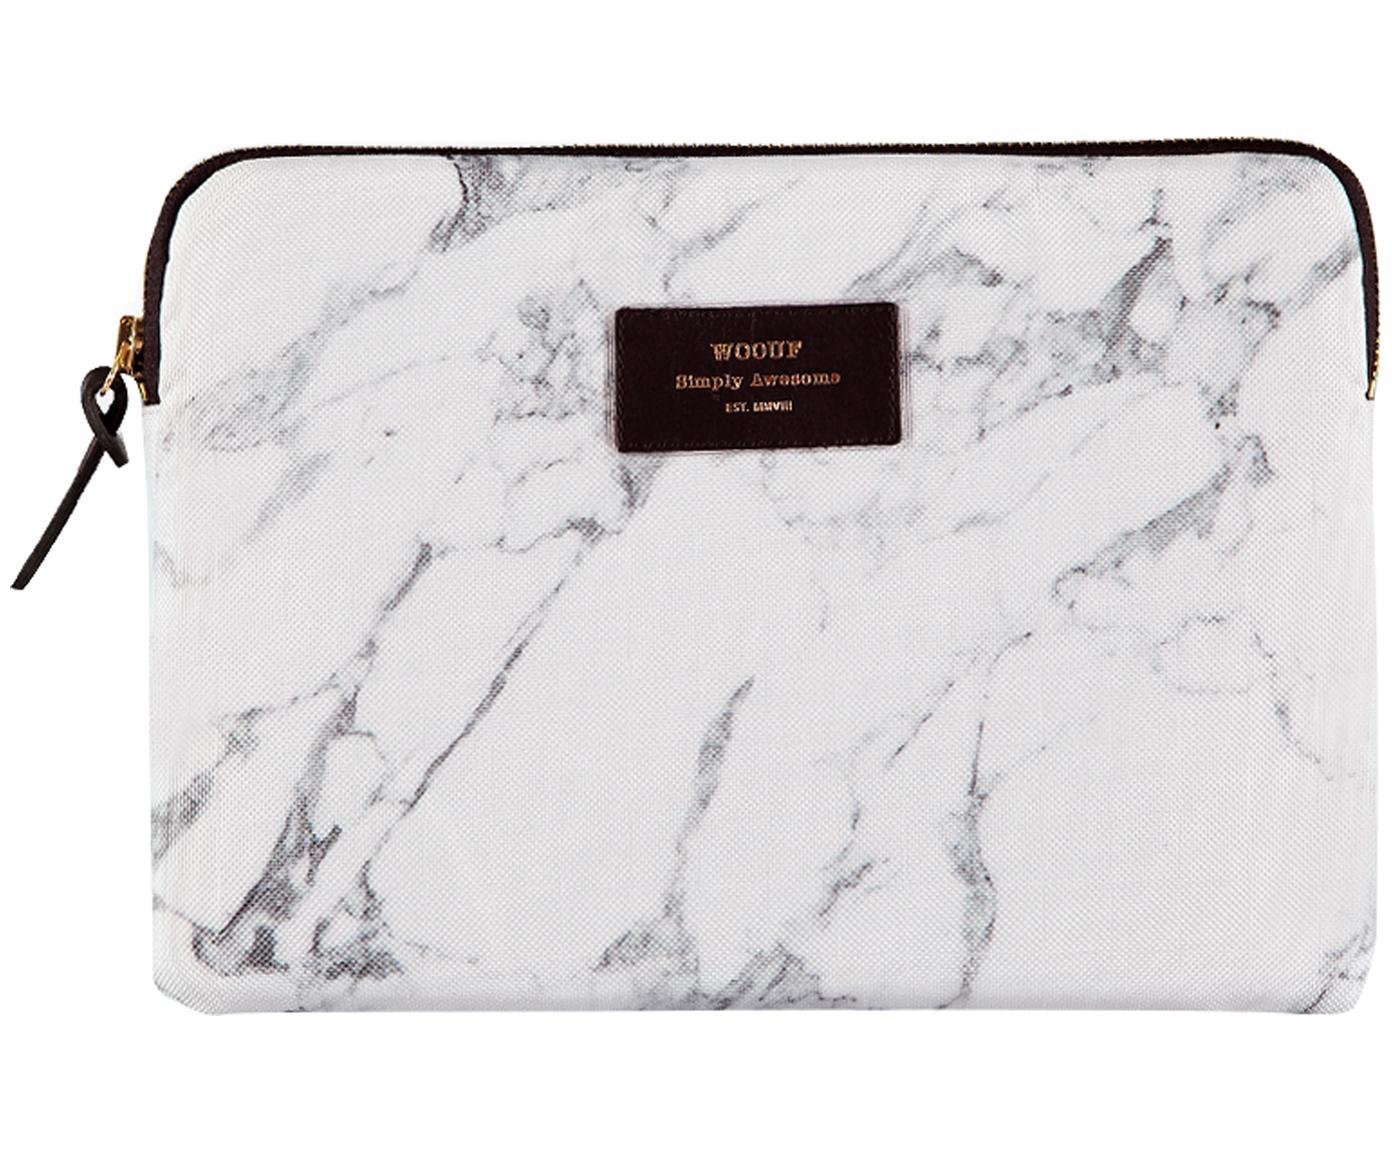 iPad Air Hülle White Marble, Weiß, 24 x 17 cm